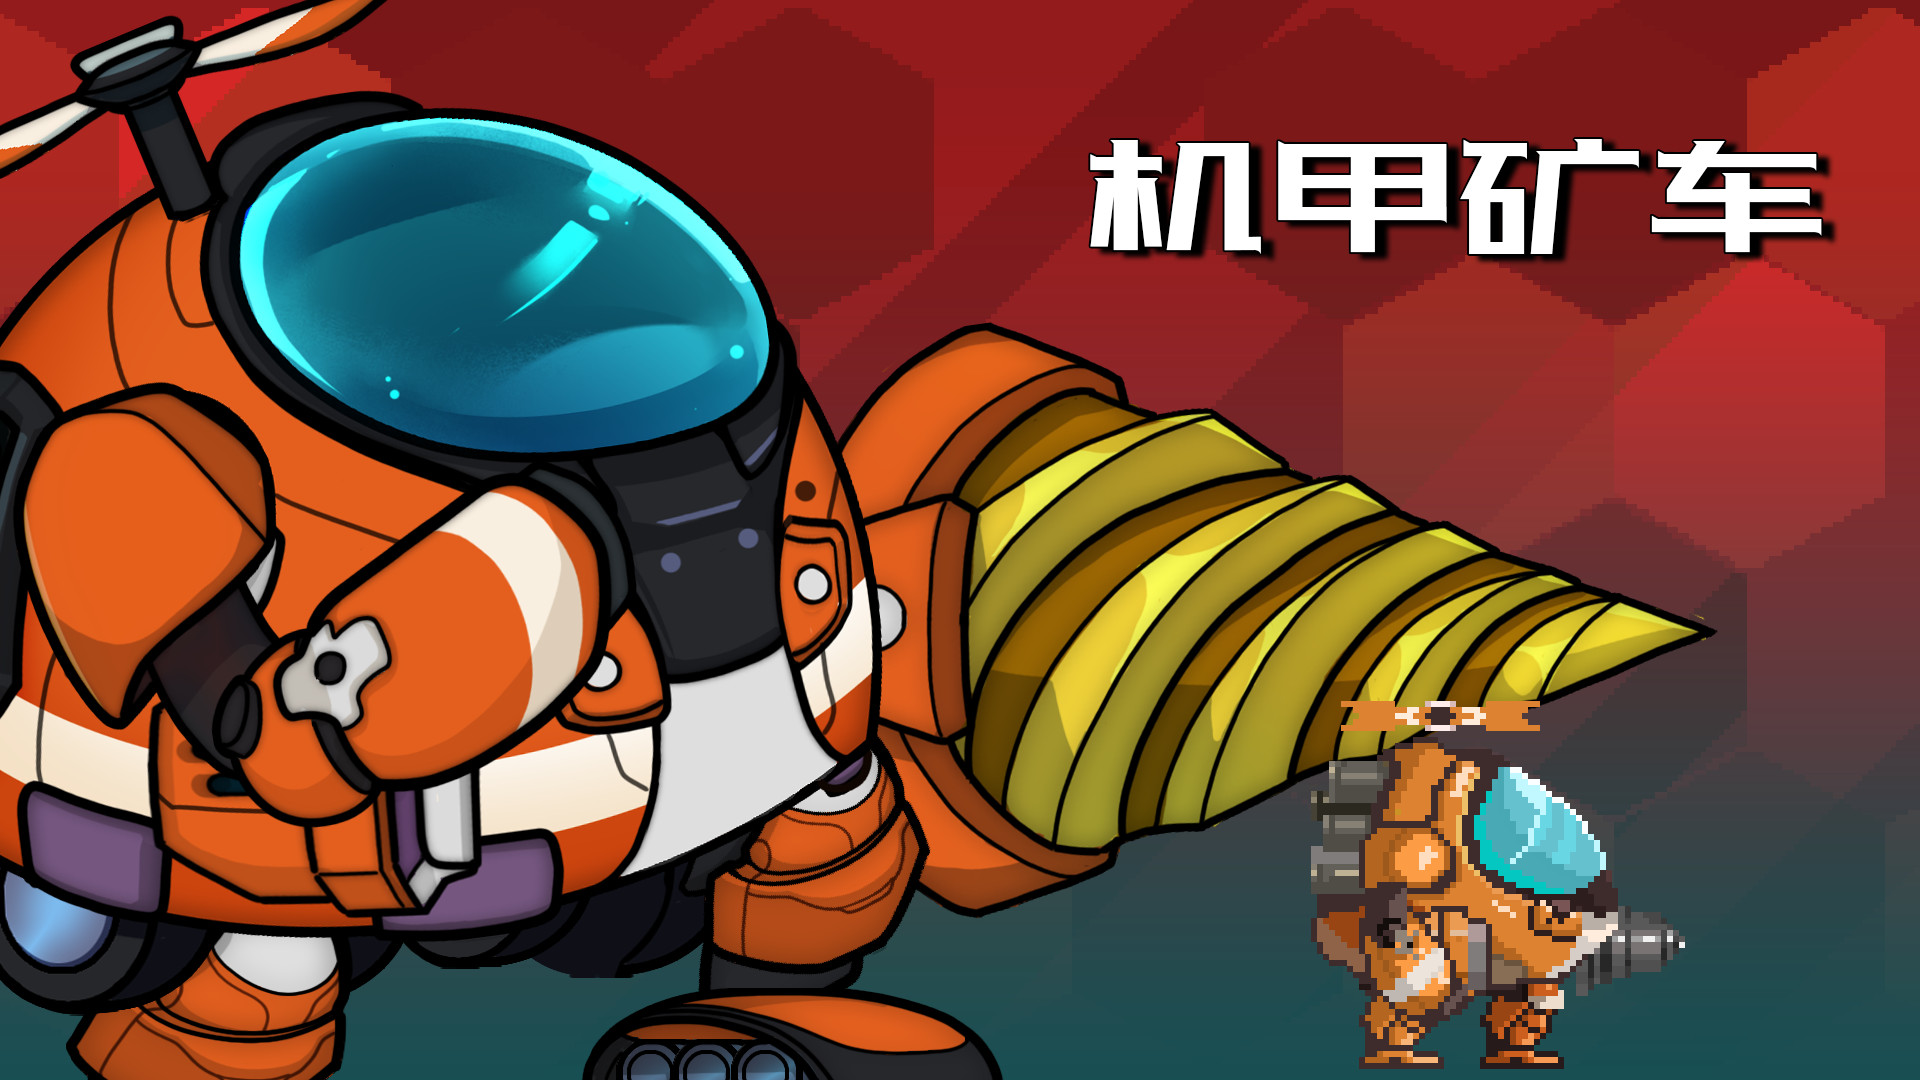 11月6日更新  1.6.0版本 机甲矿车